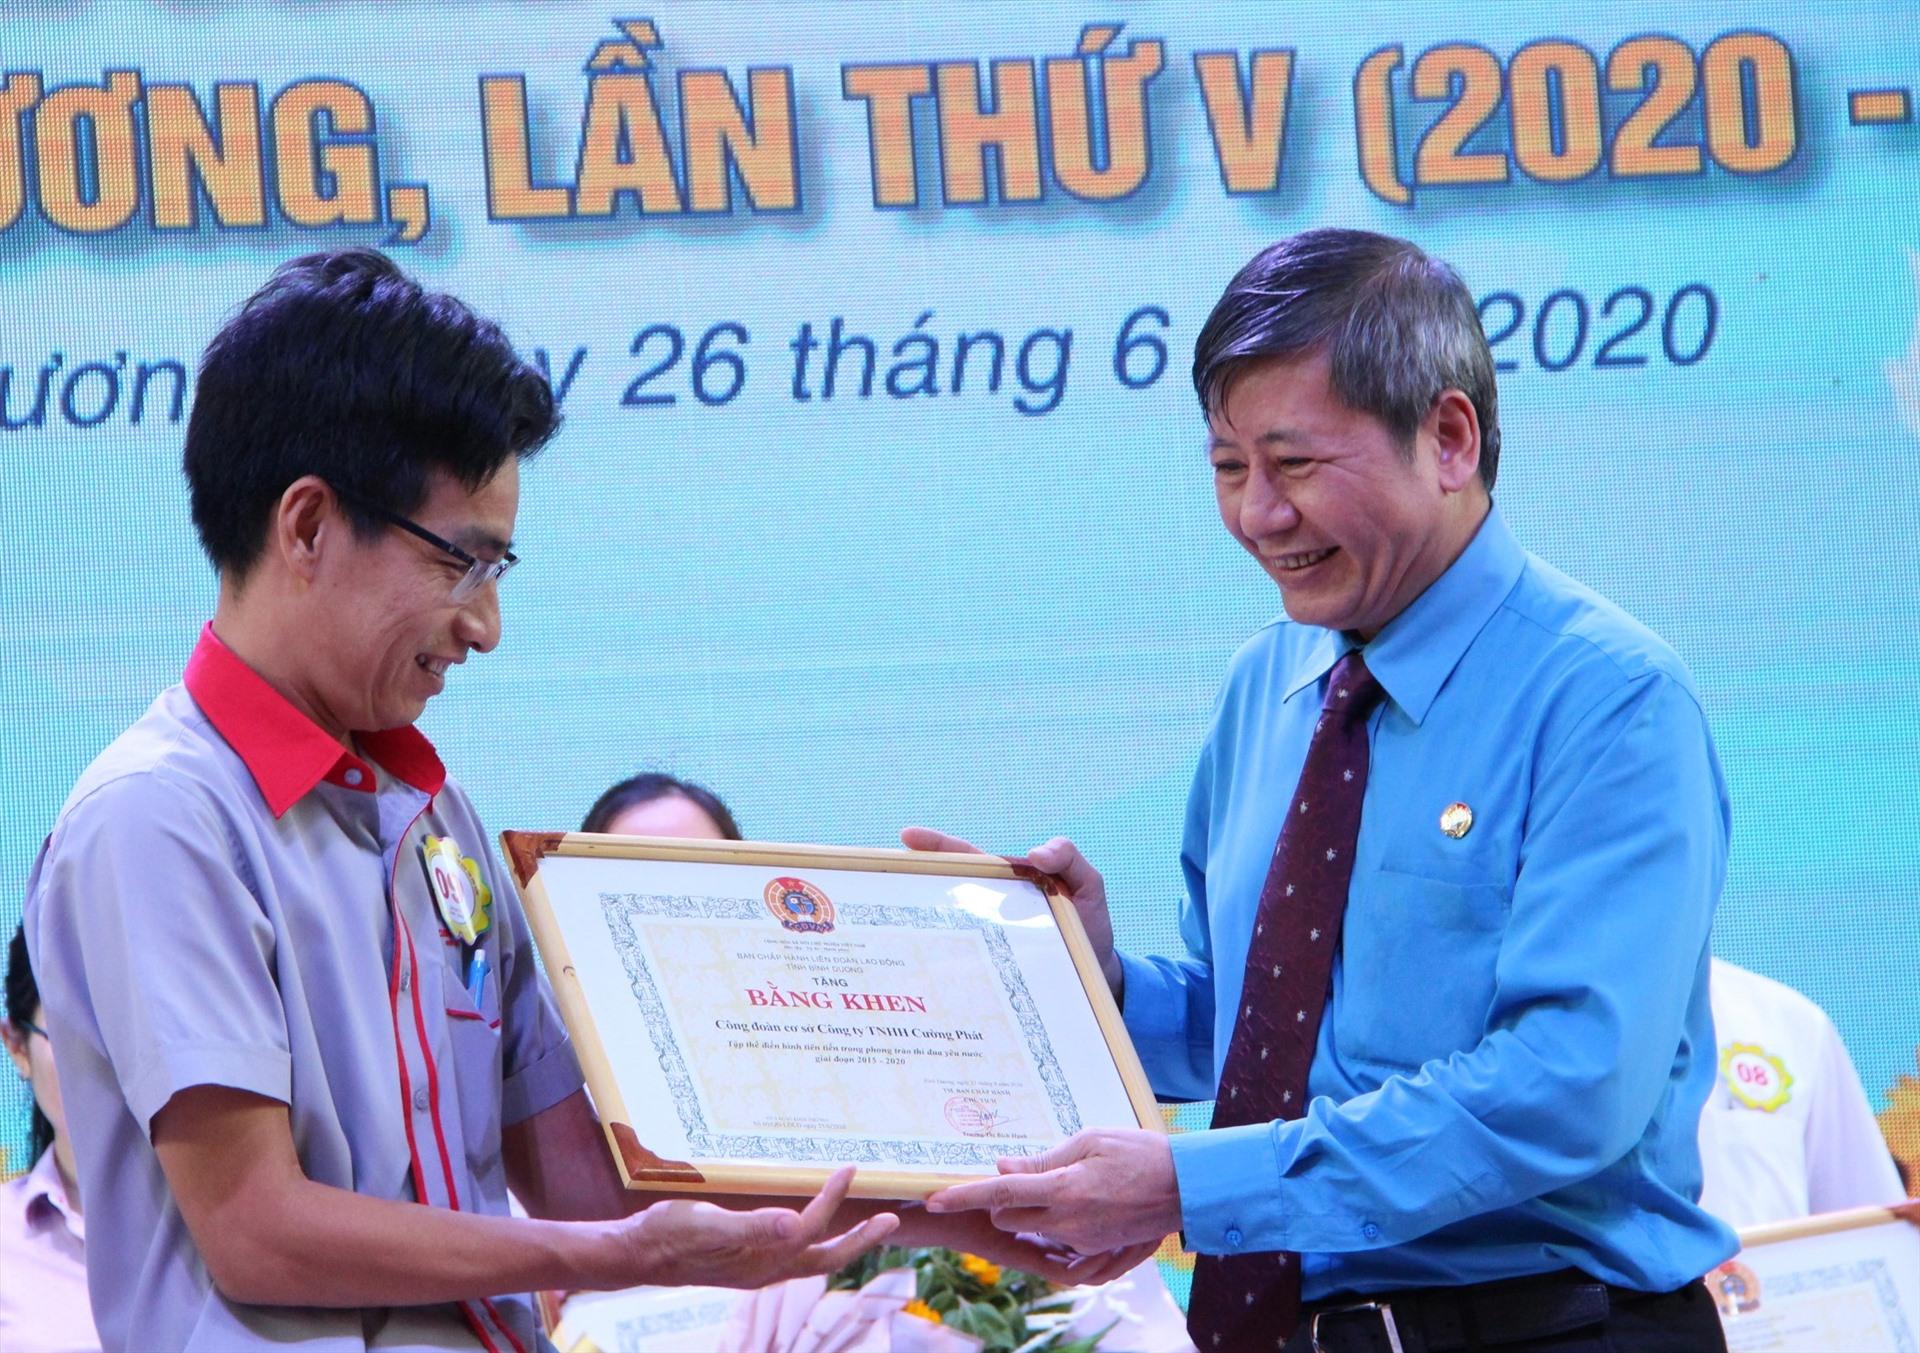 Ông Trần Thanh Hải trao khen thưởng cho điển hình tiên tiến. Ảnh: Đình Trọng.